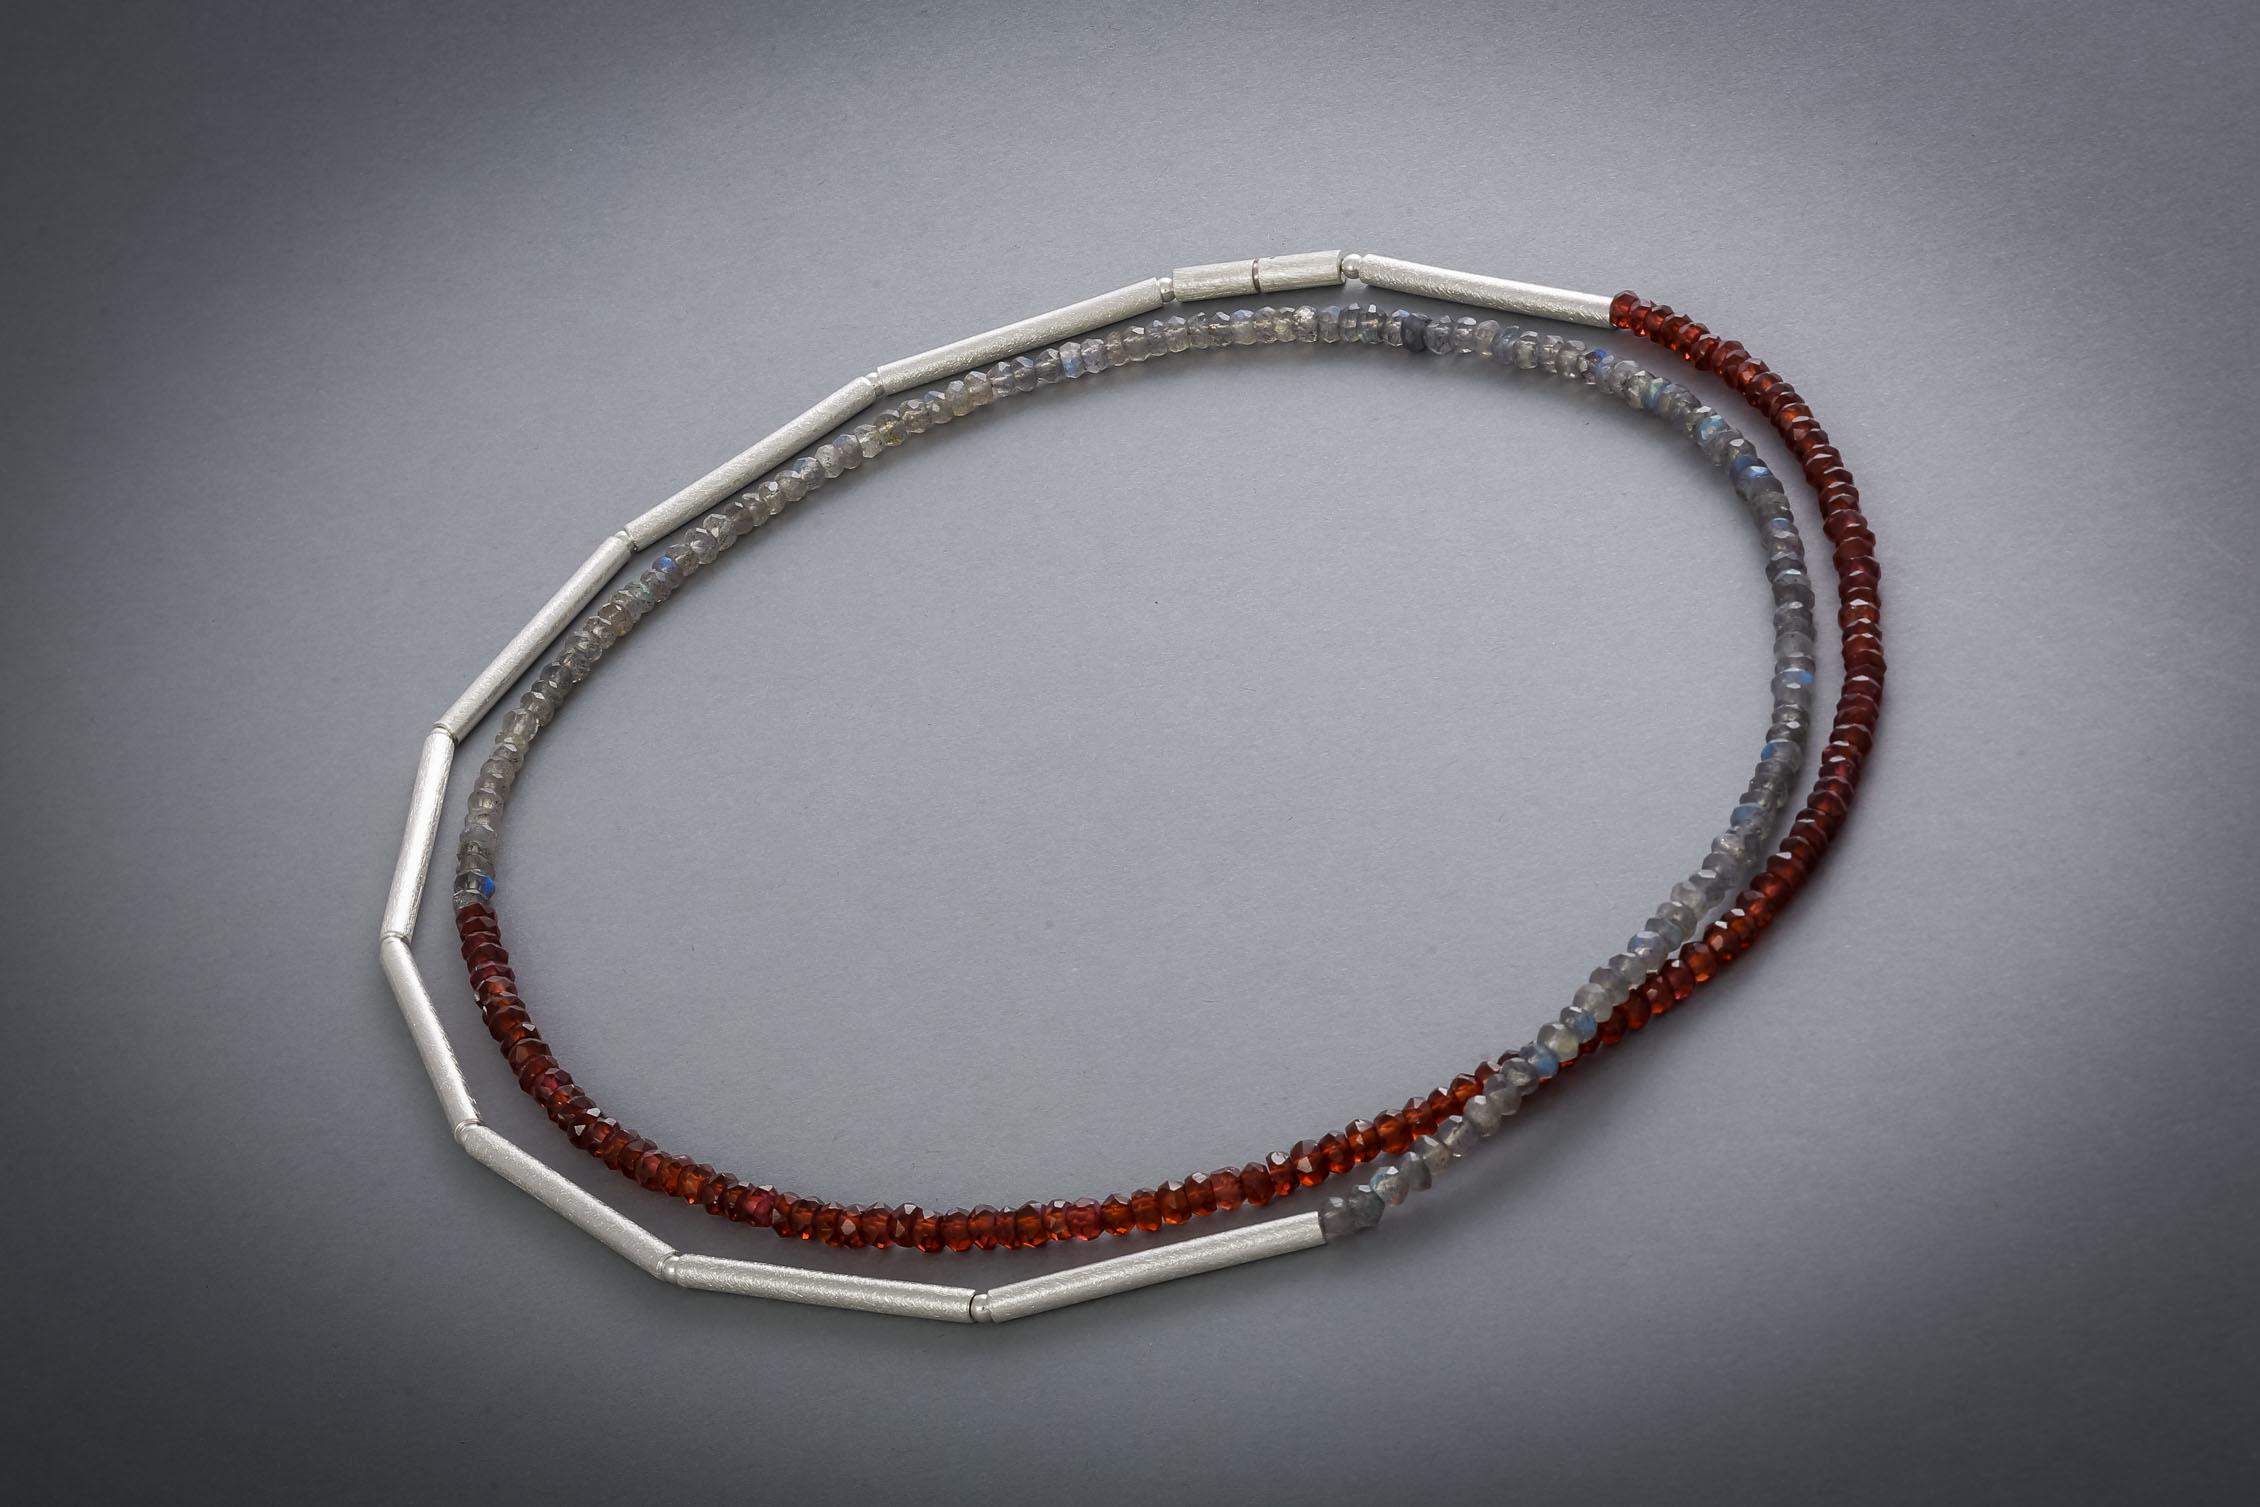 087 Edelsteinkette, Silber, Labradorit, Granat € 258,-